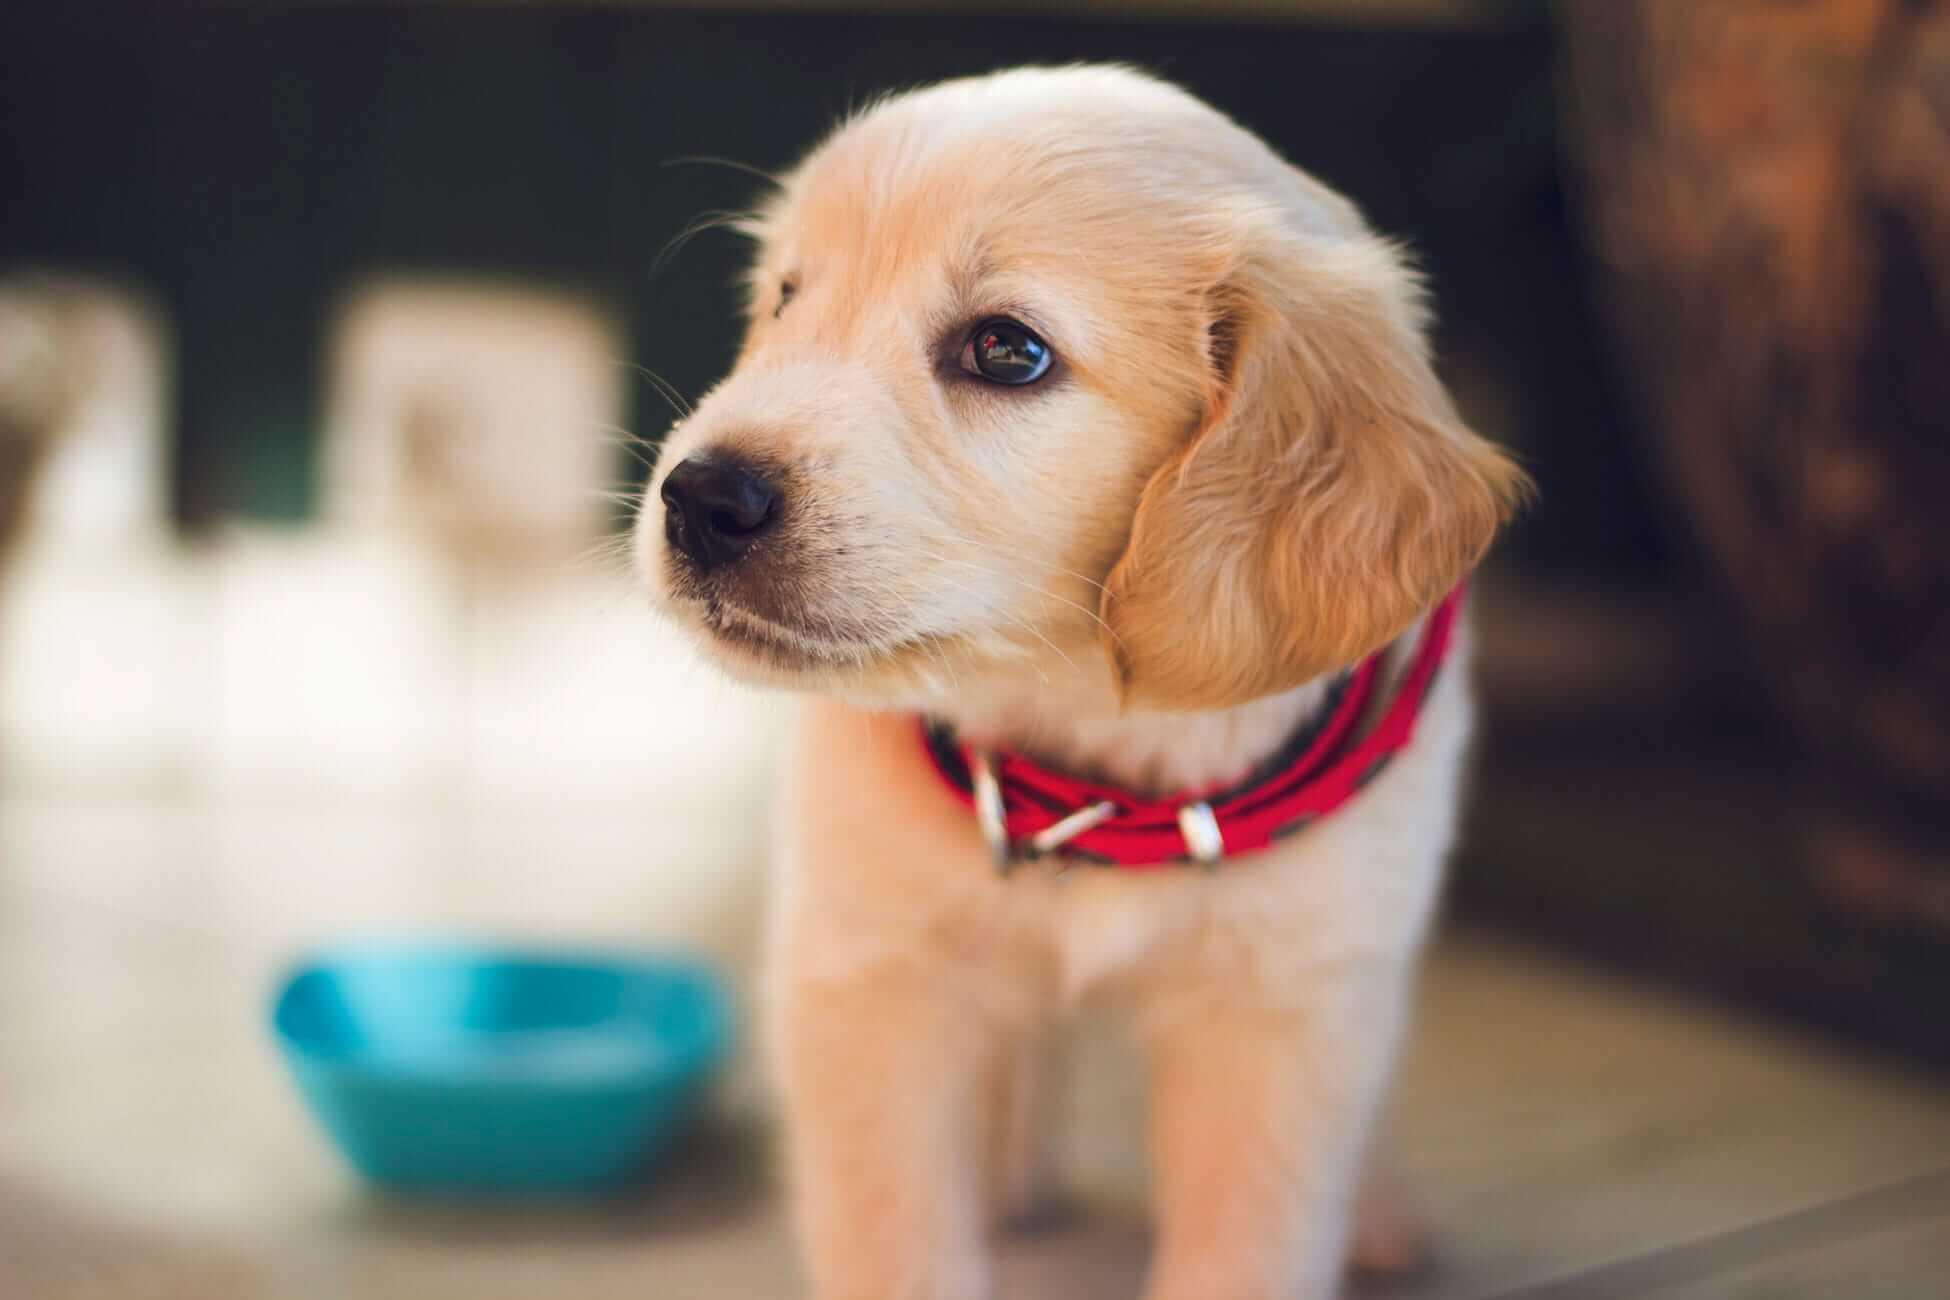 Hilfe, mein Hund trinkt nicht! Die 7 häufigsten Ursachen und besten Tipps